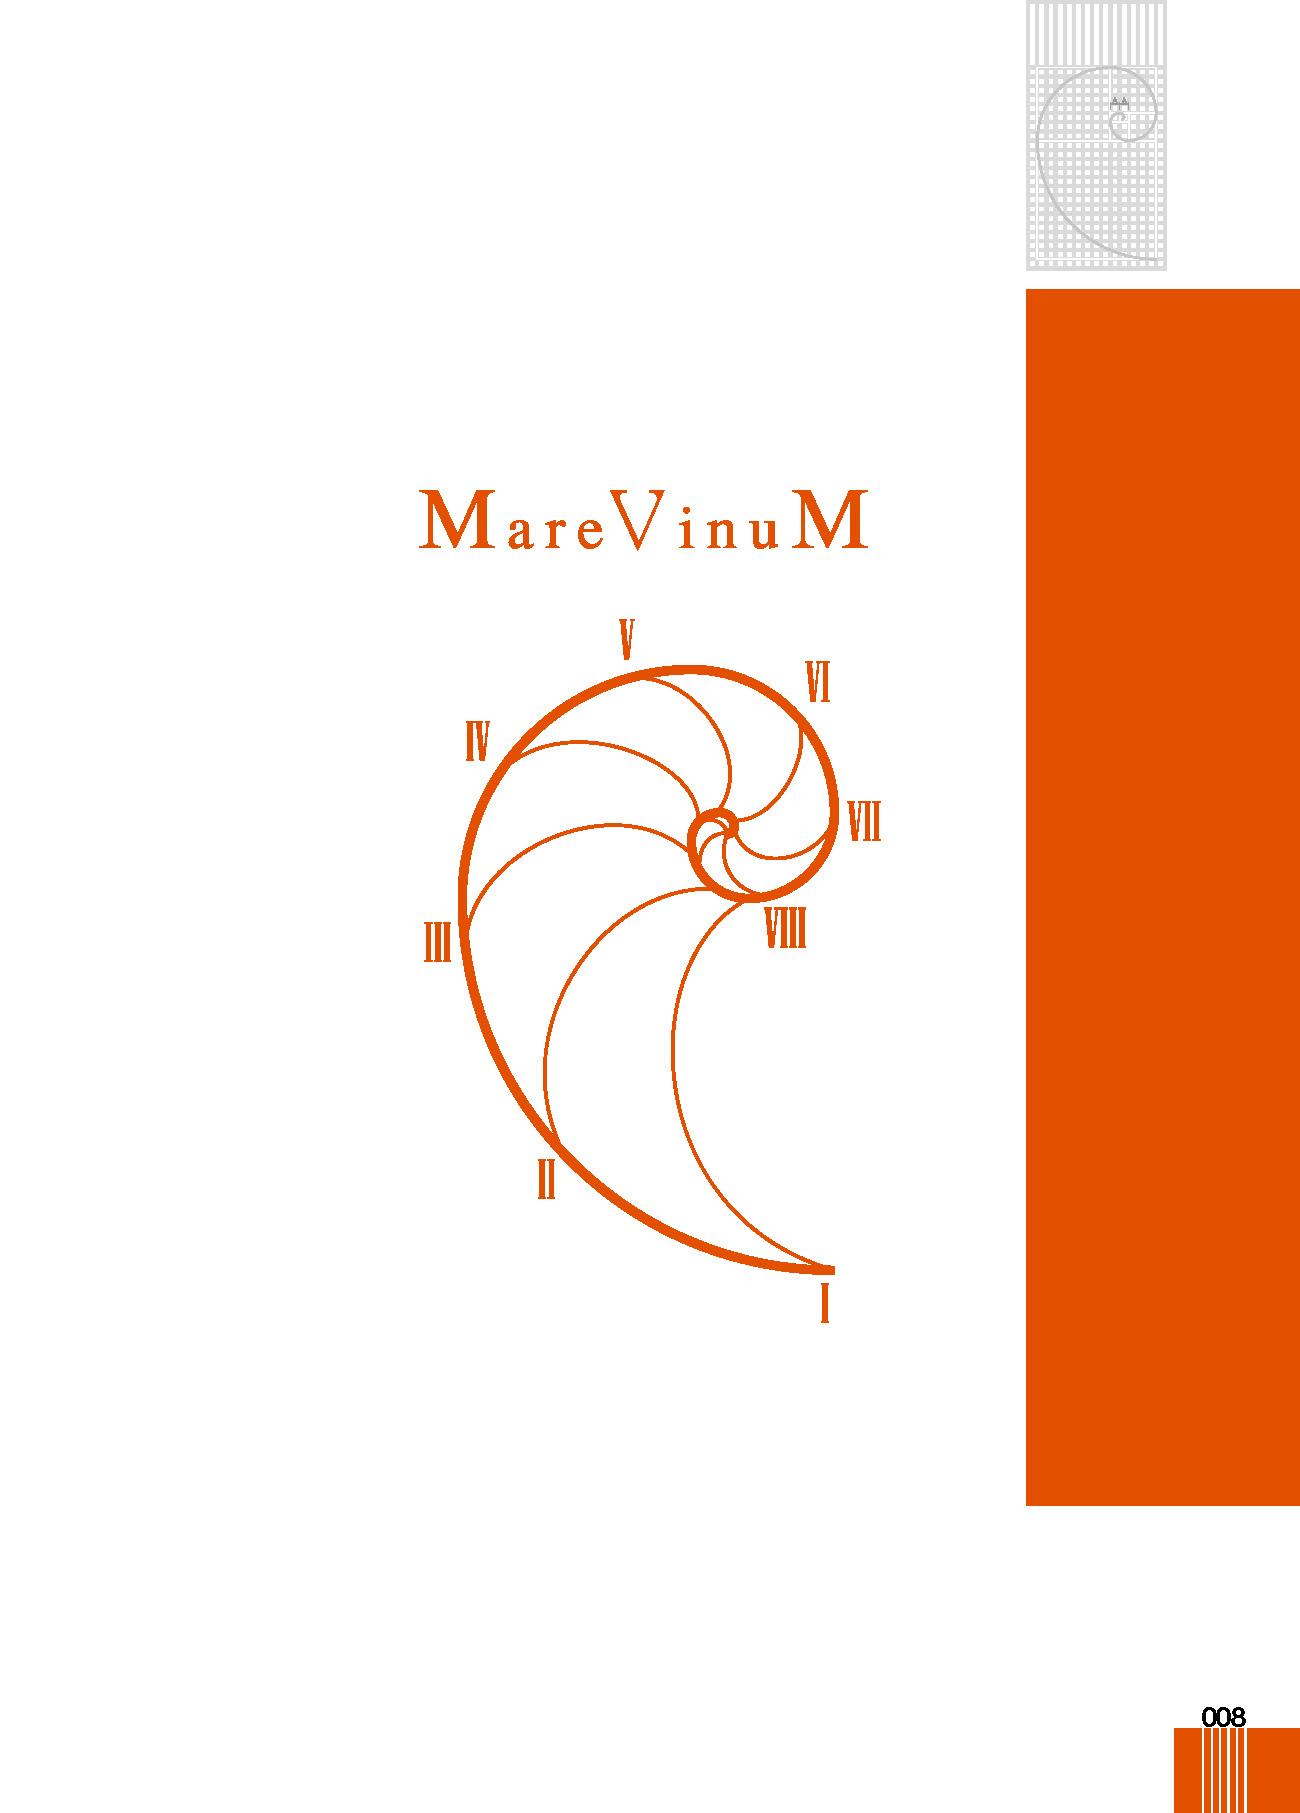 Identidad MareVinuM